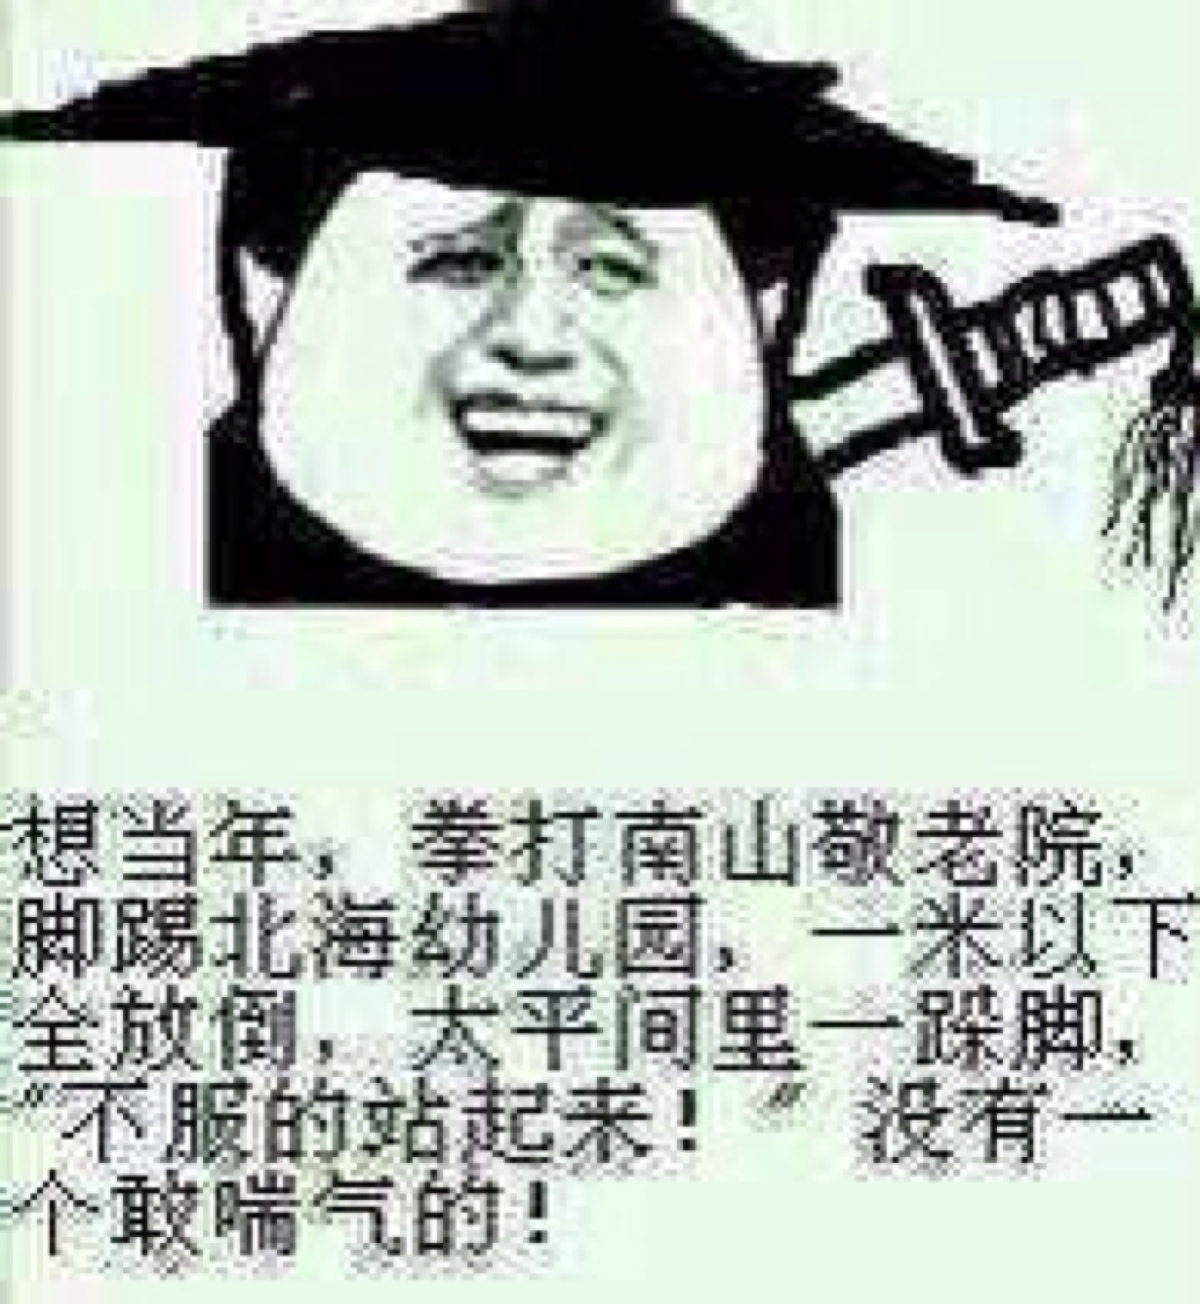 崔成国 表情三巨头 金馆长 powered by discuz高清图片